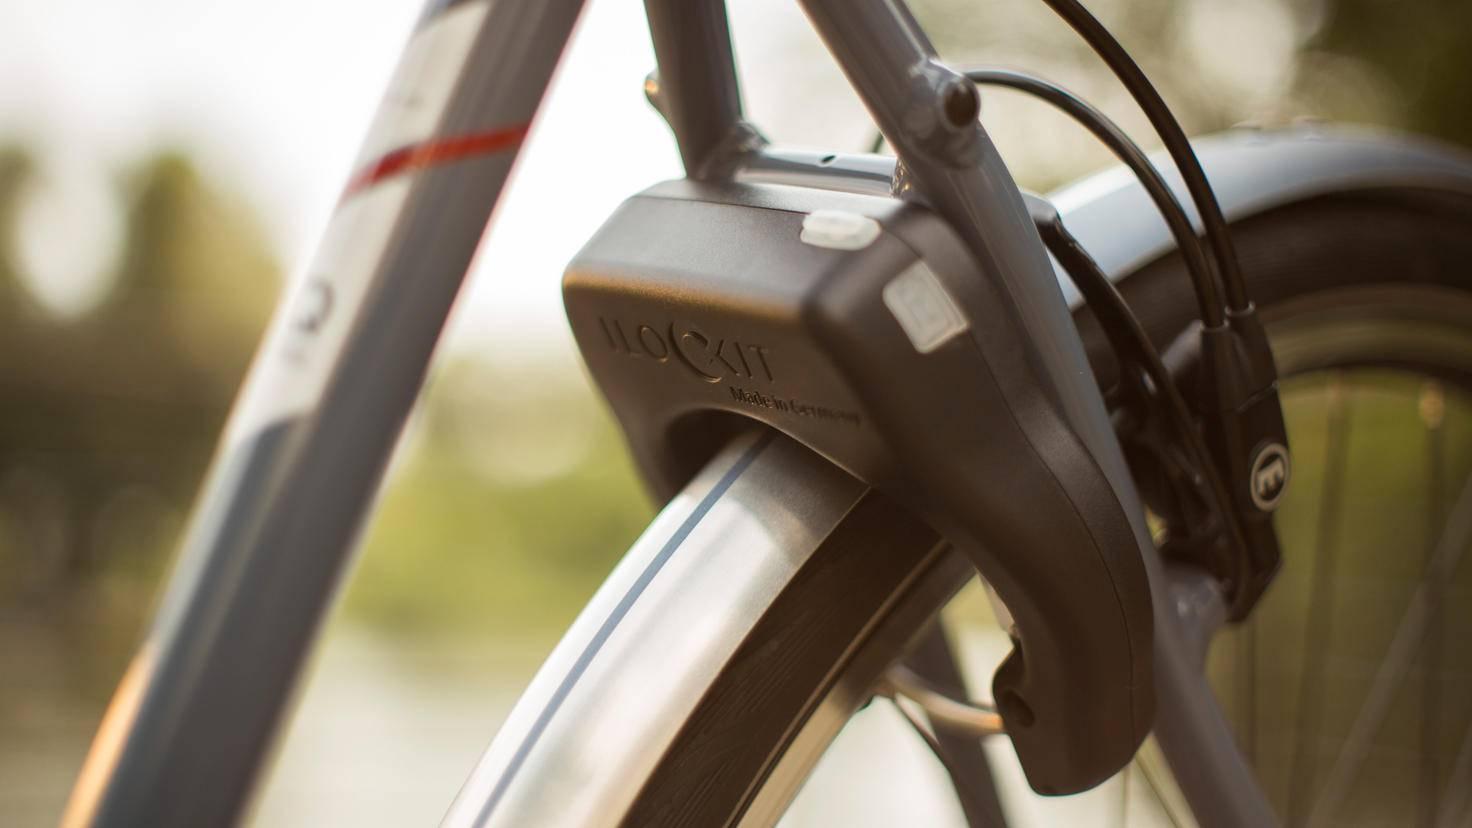 I LOCK IT smartes Fahrradschloss